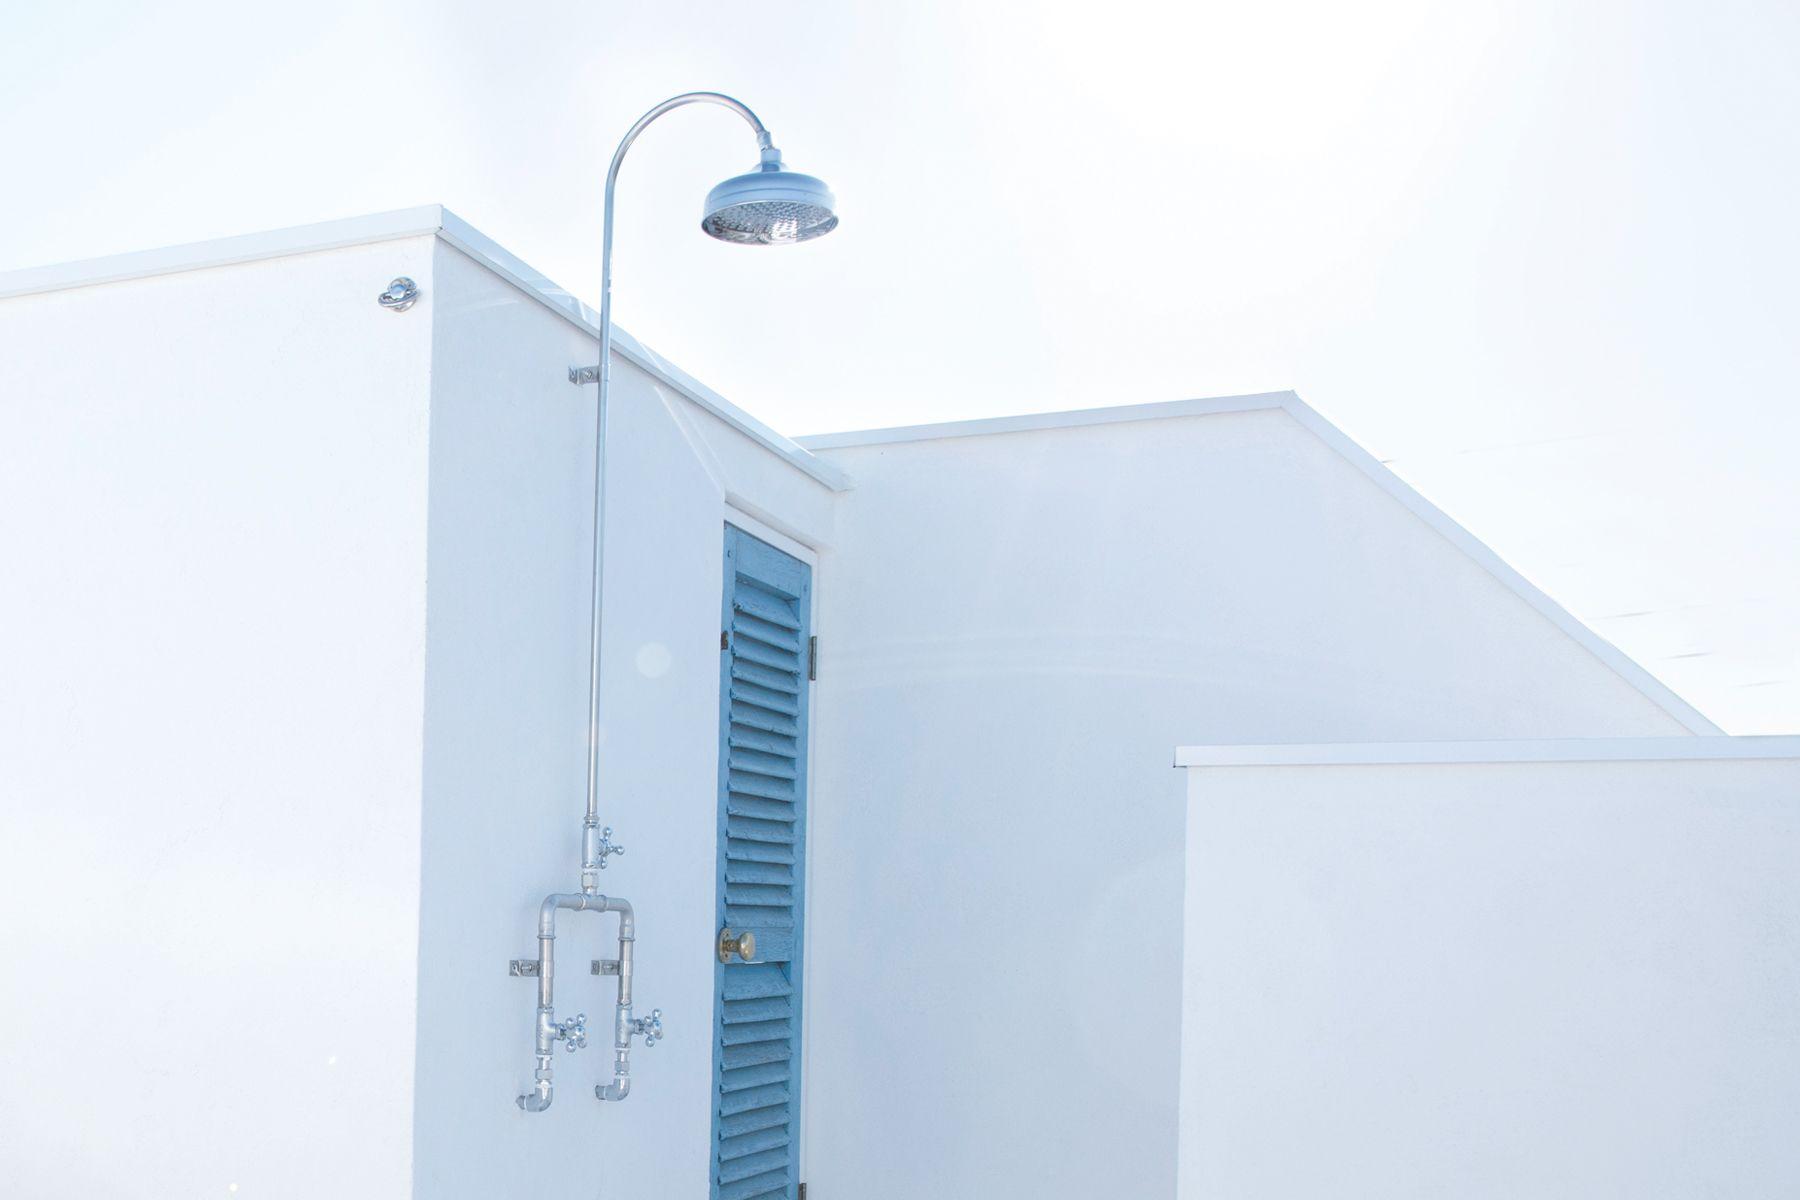 104/個人宅 (イチマルヨン)RF シャワー付き